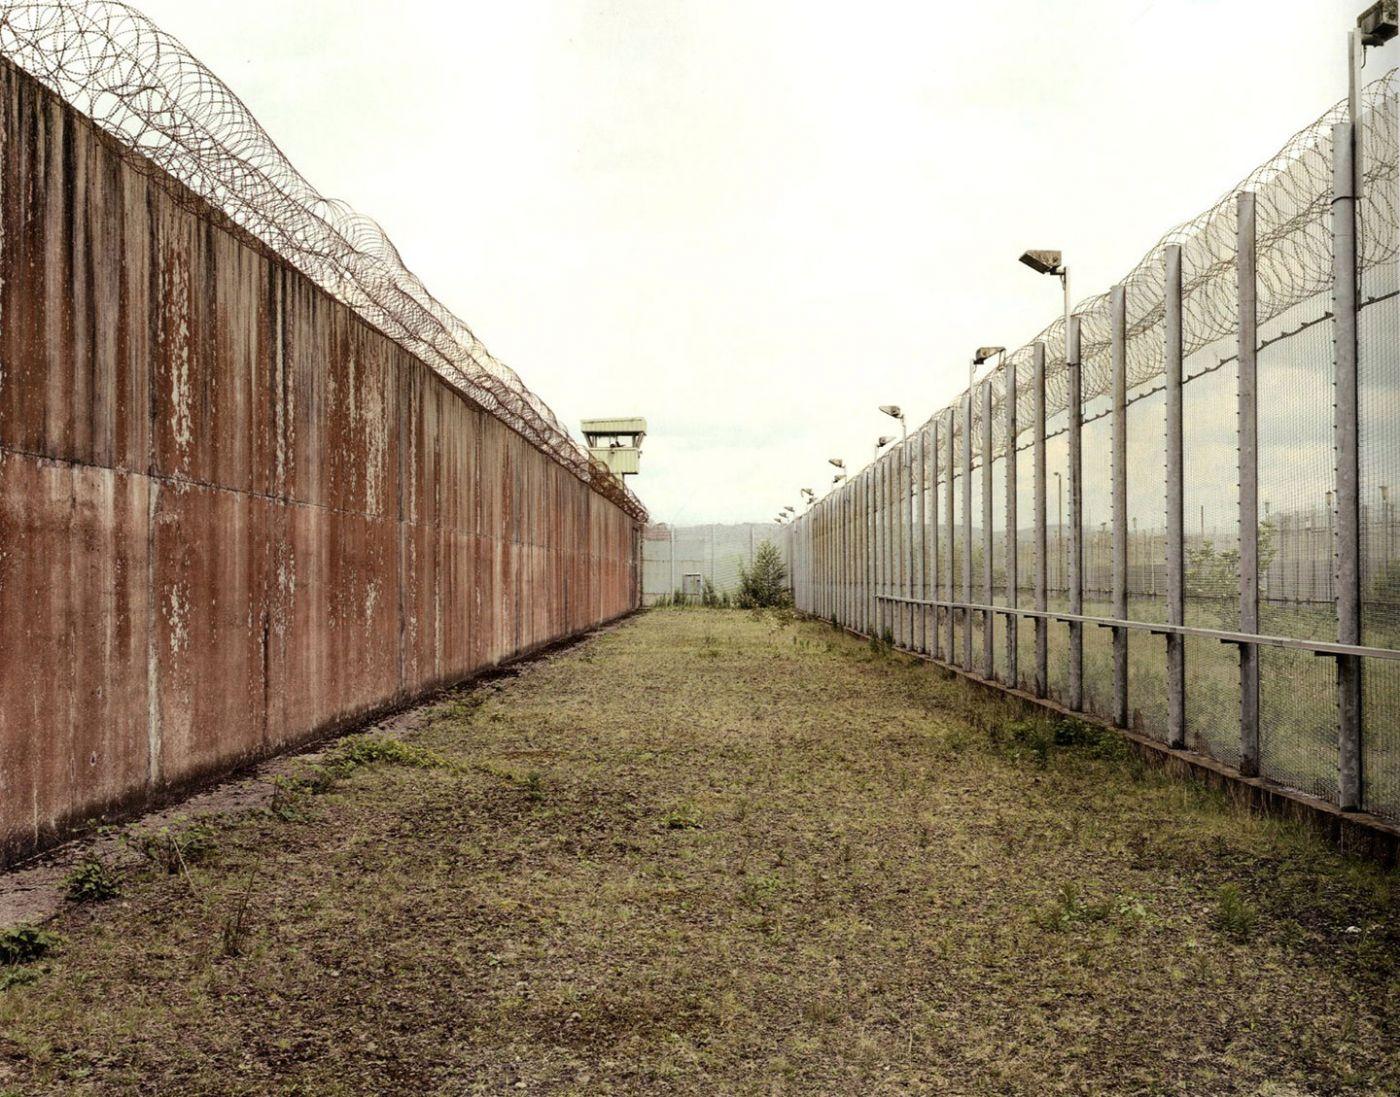 (4) The Maze (2004) © Donovan Wylie [vincentborrelli.com]